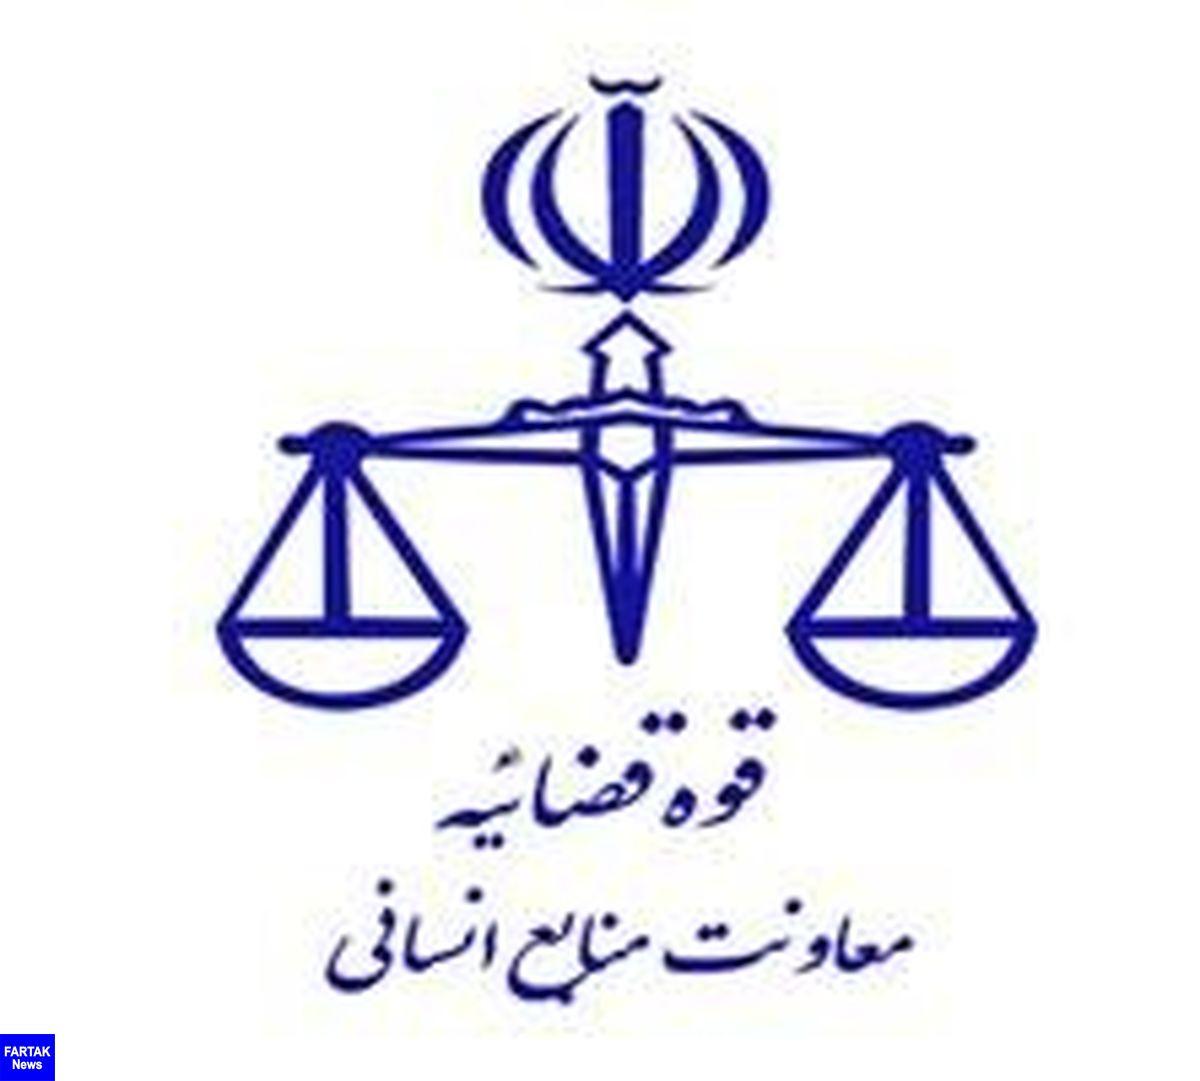 اعلام زمان ثبتنام متقاضیان امریه سربازی در قوه قضاییه؛ اعزامی اسفند ماه